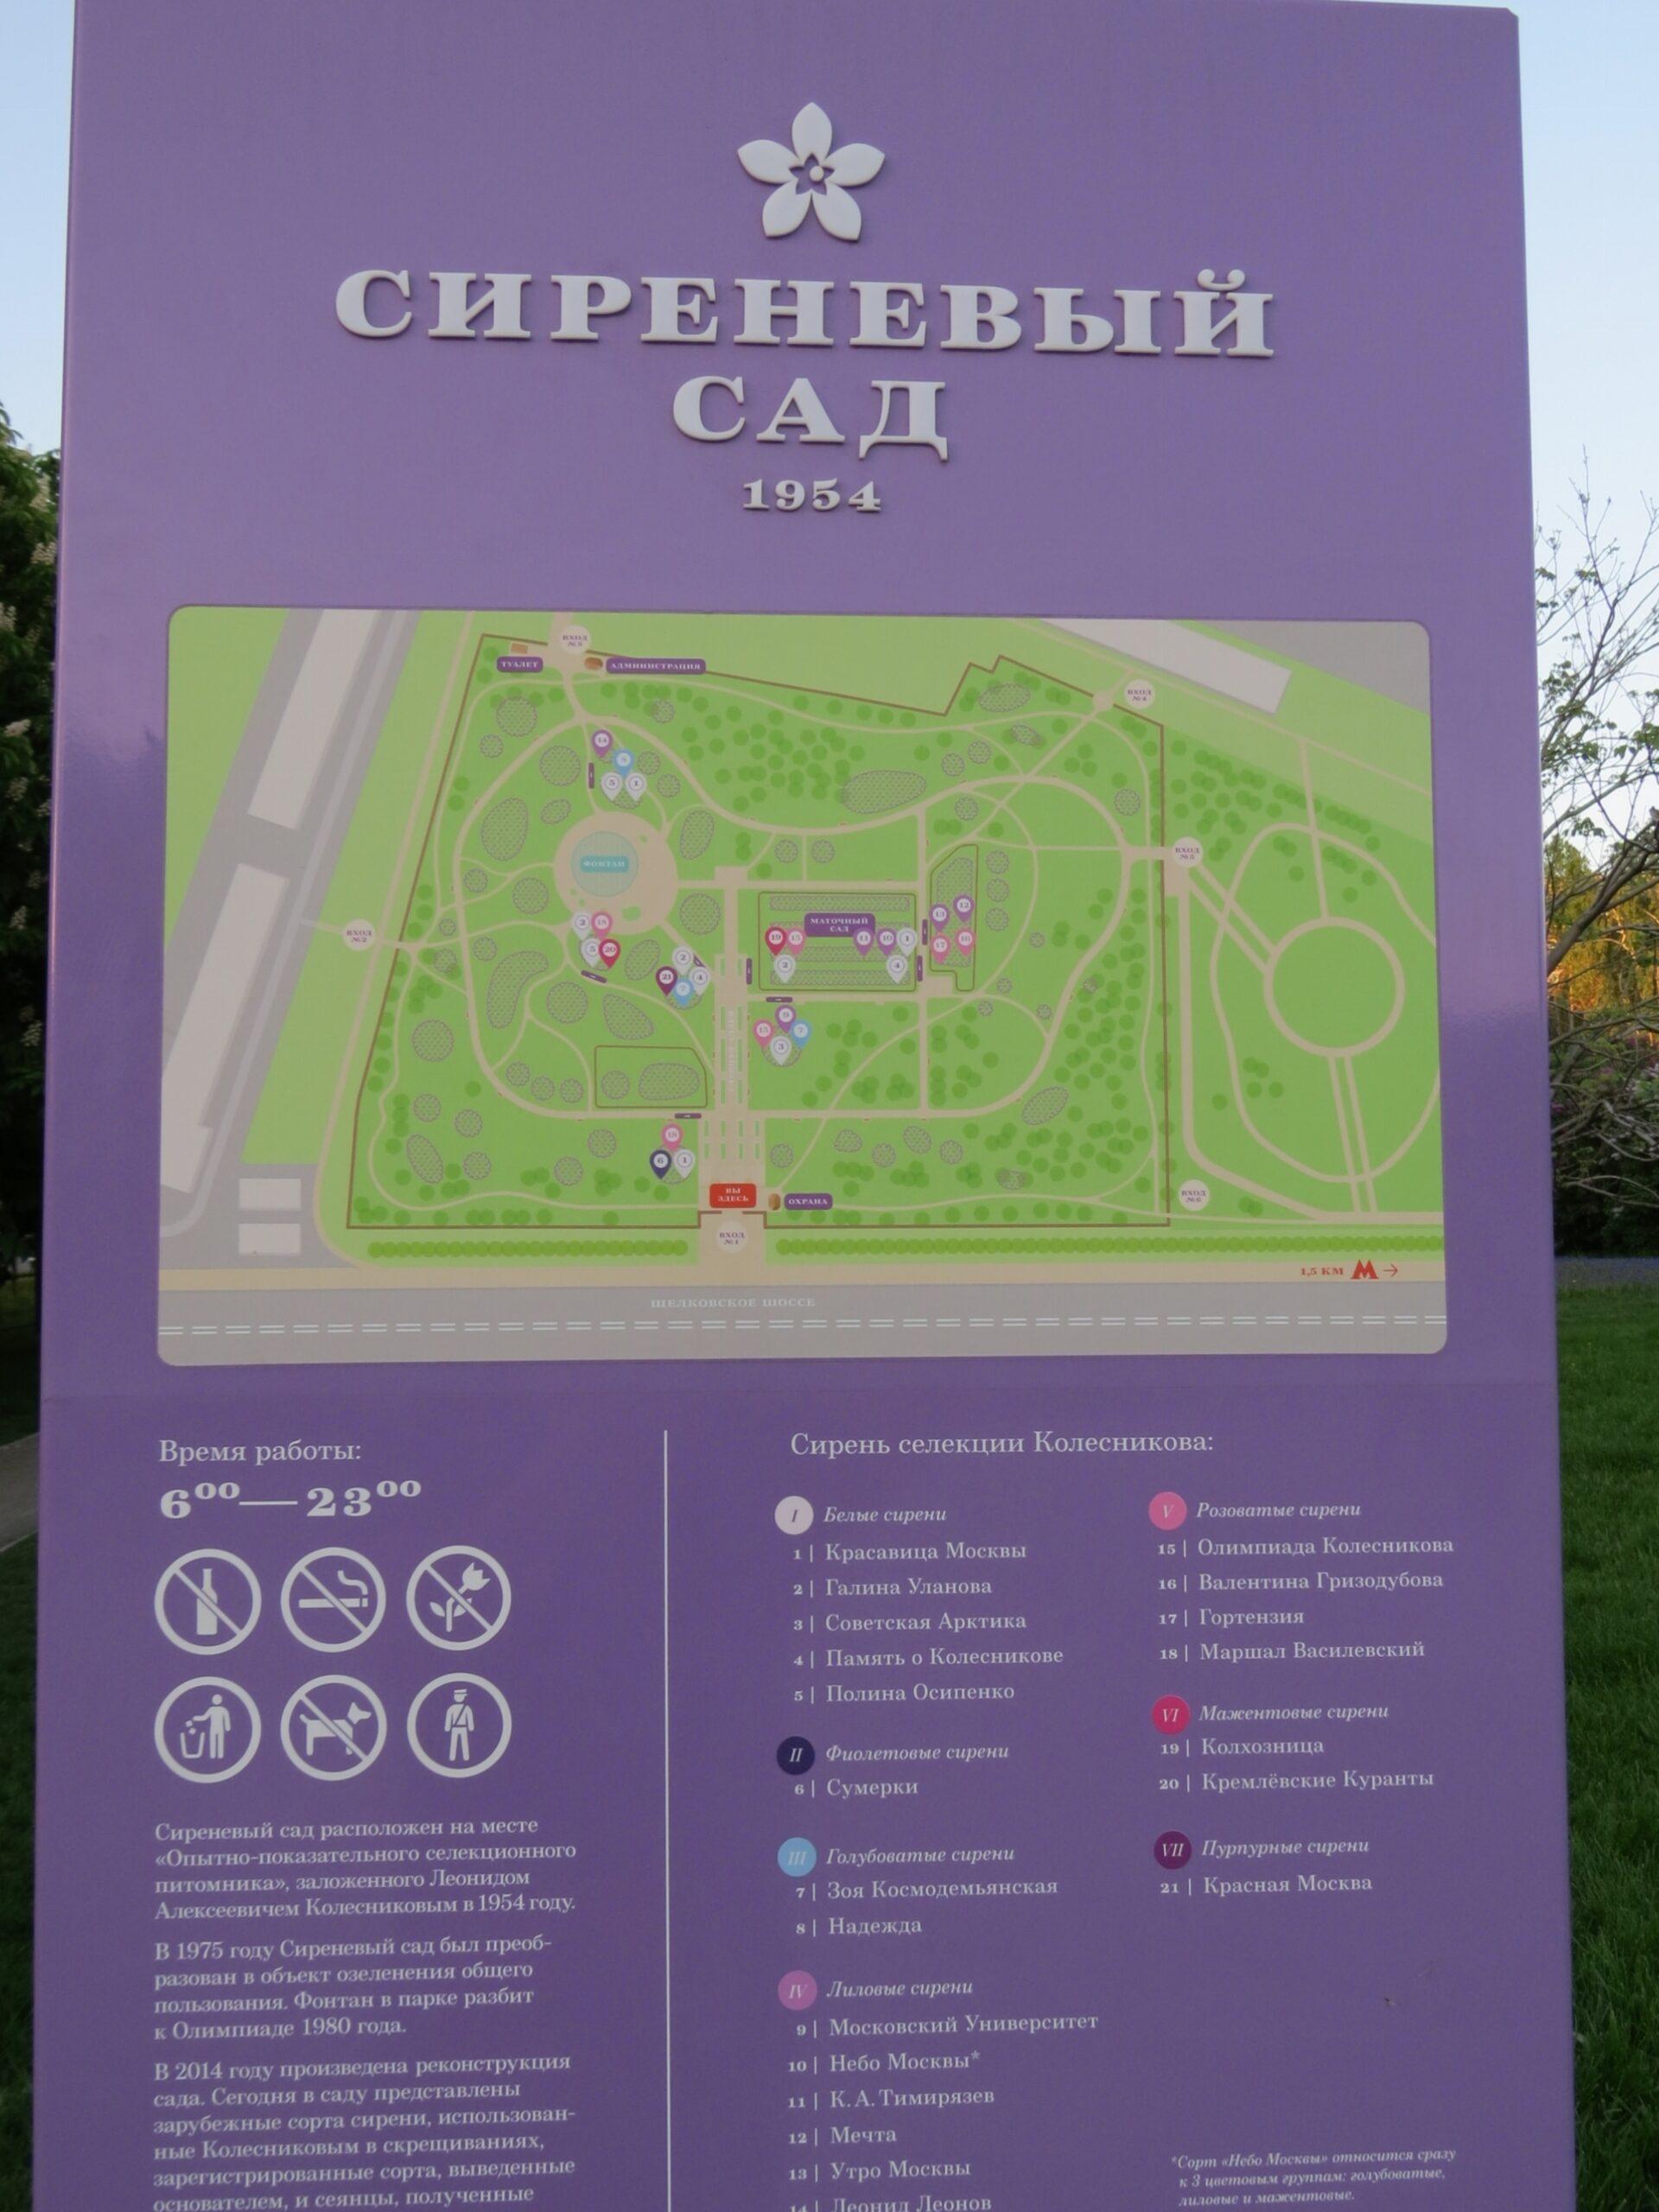 Москва, Сиреневый сад вцвету